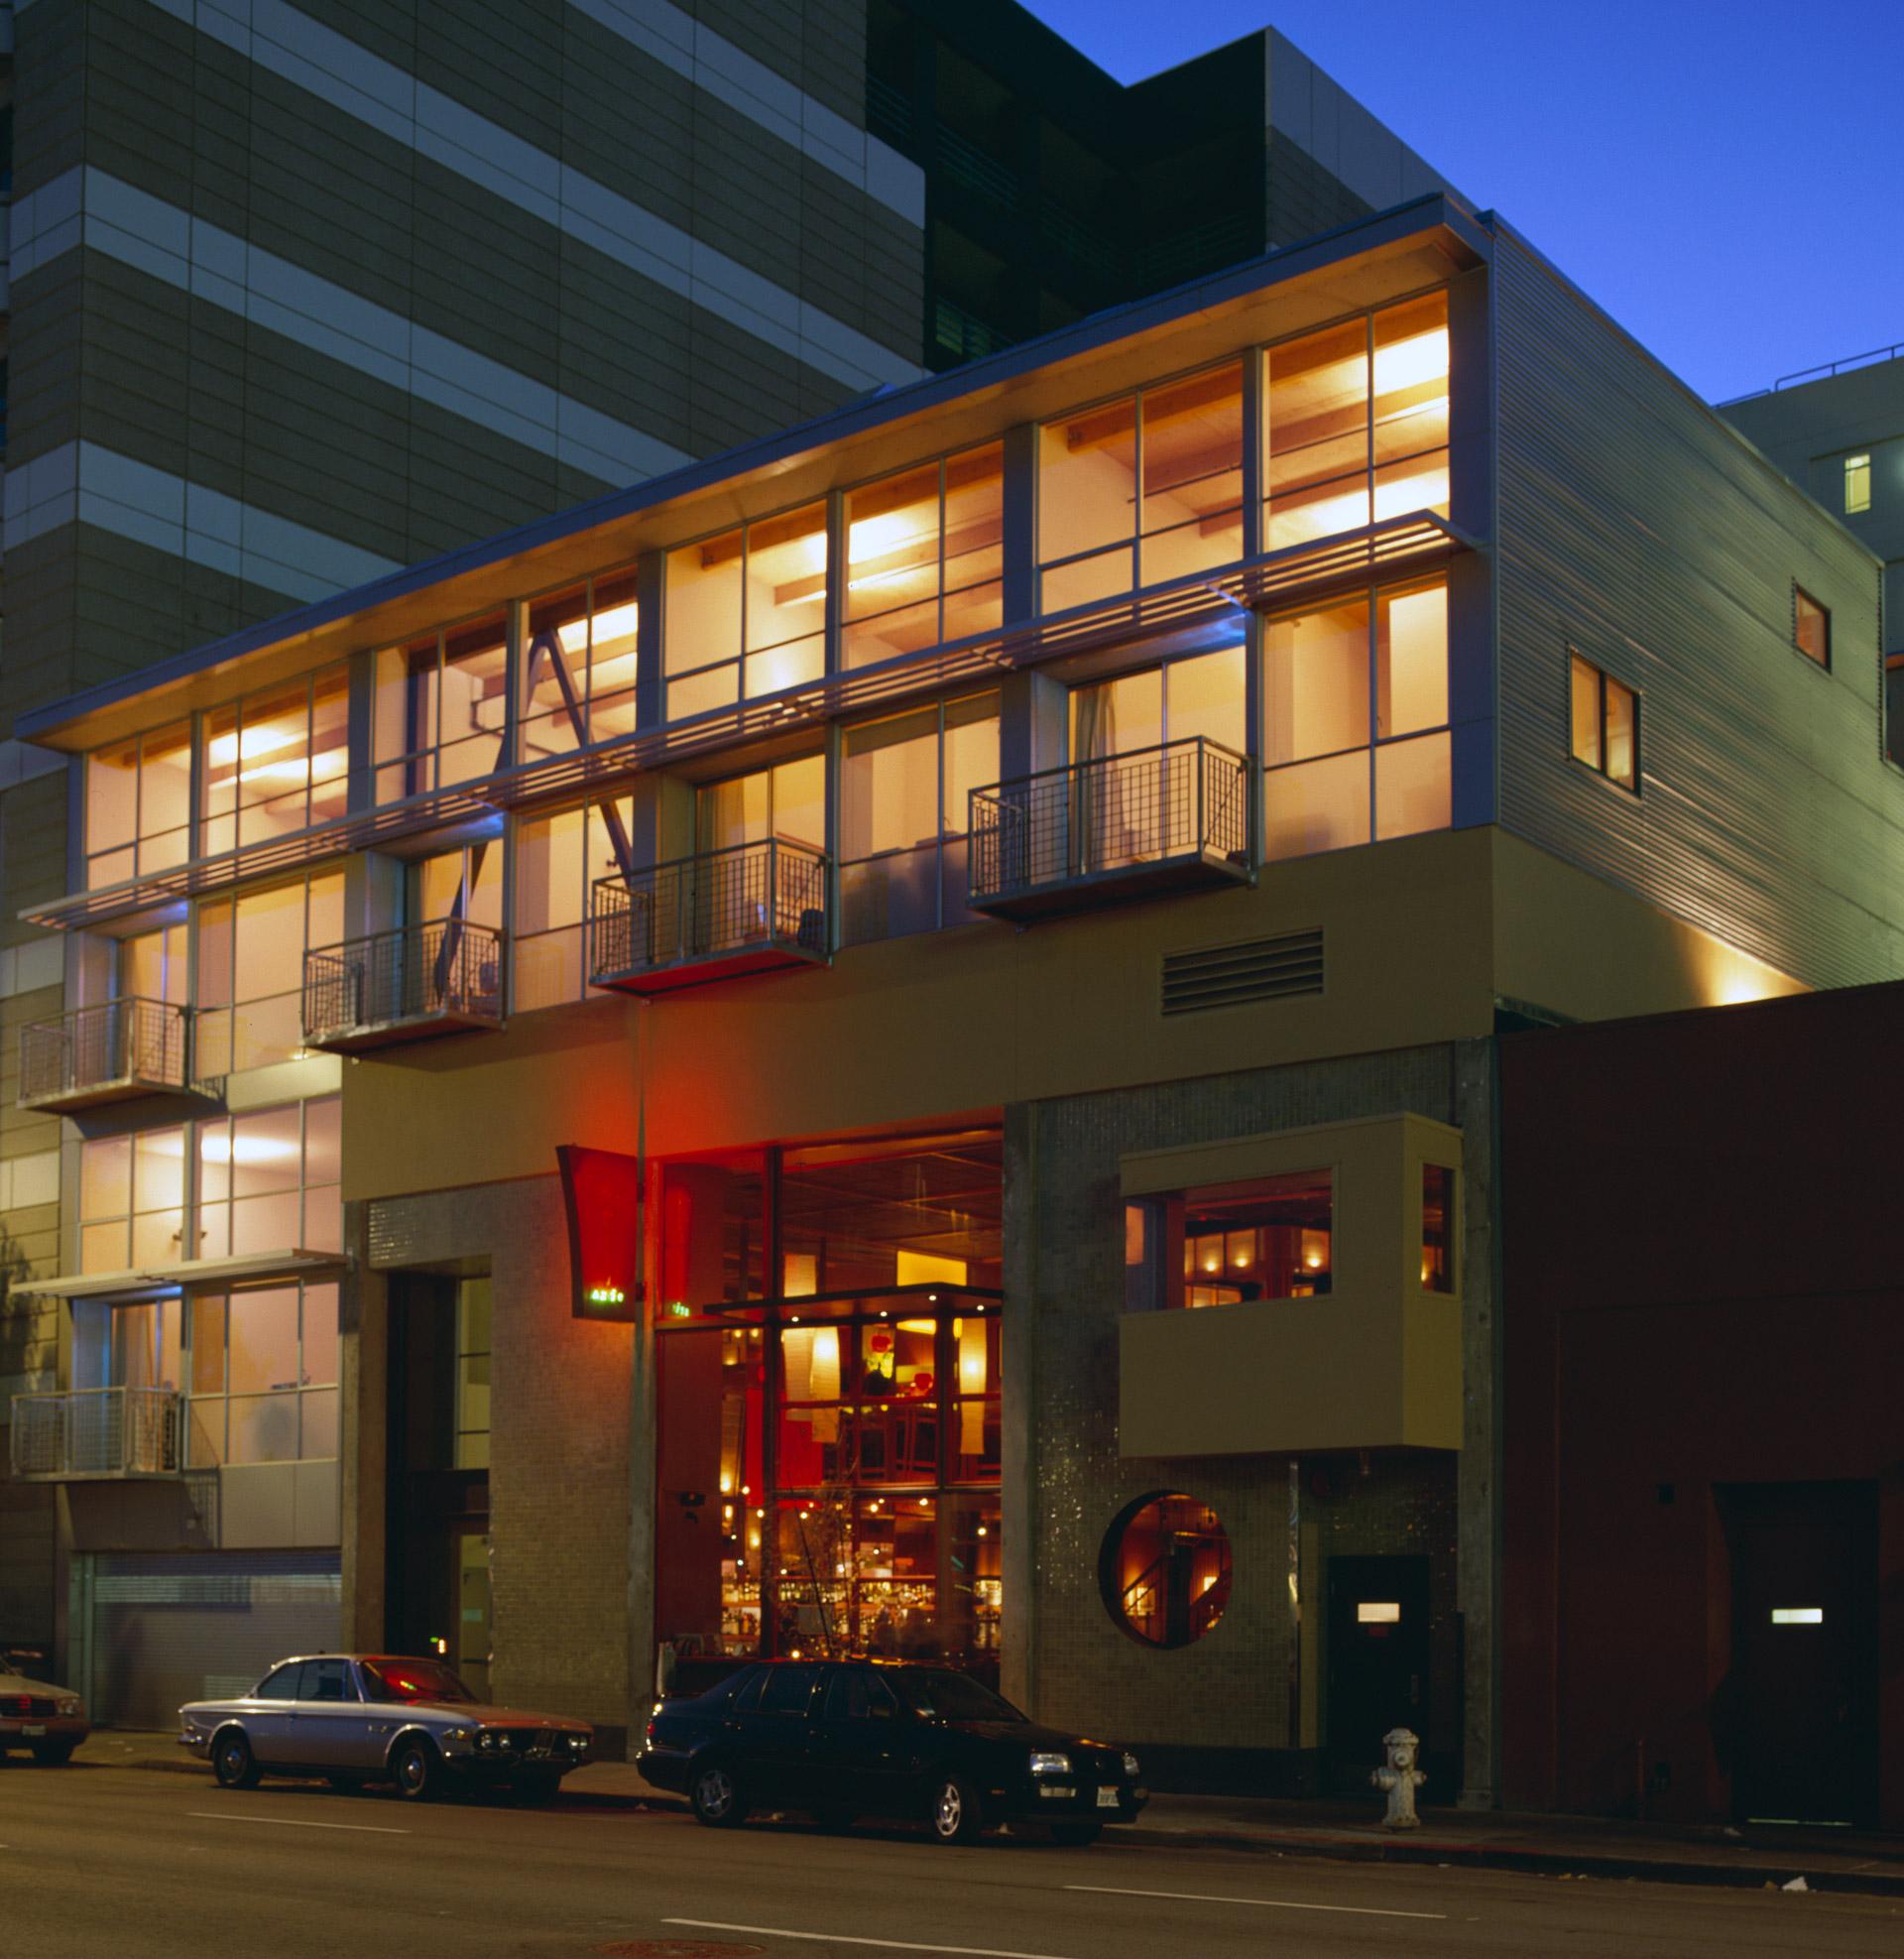 Azie Lofts/826 Folsom property